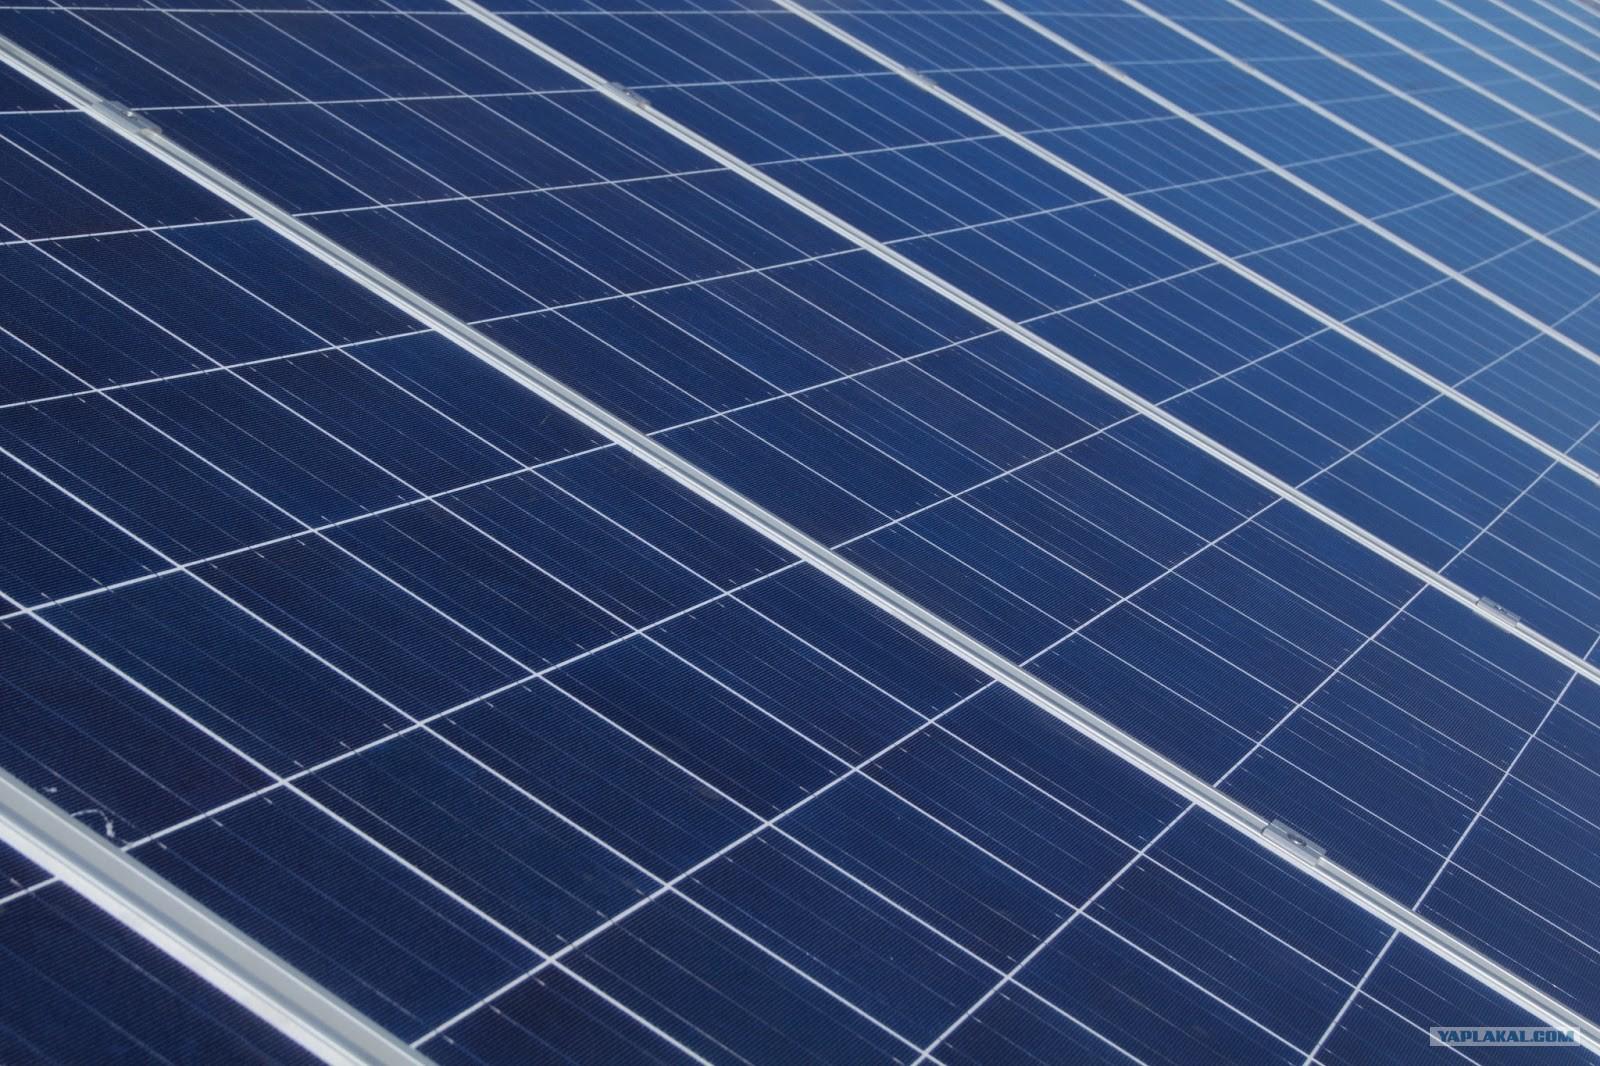 Солнечная электростанция полностью обеспечит энергией село в Якутии